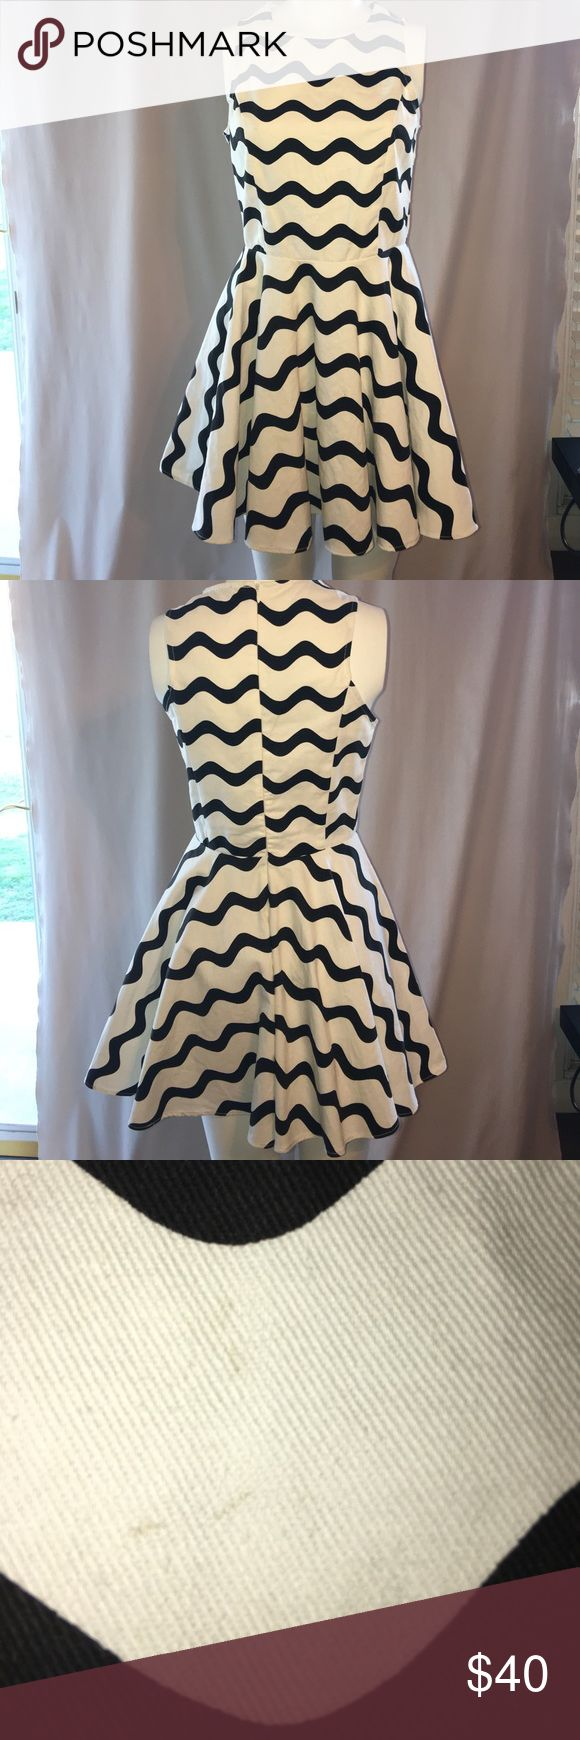 Black and White Mini Dress (has a spot on it) Mini Dress Dresses Mini